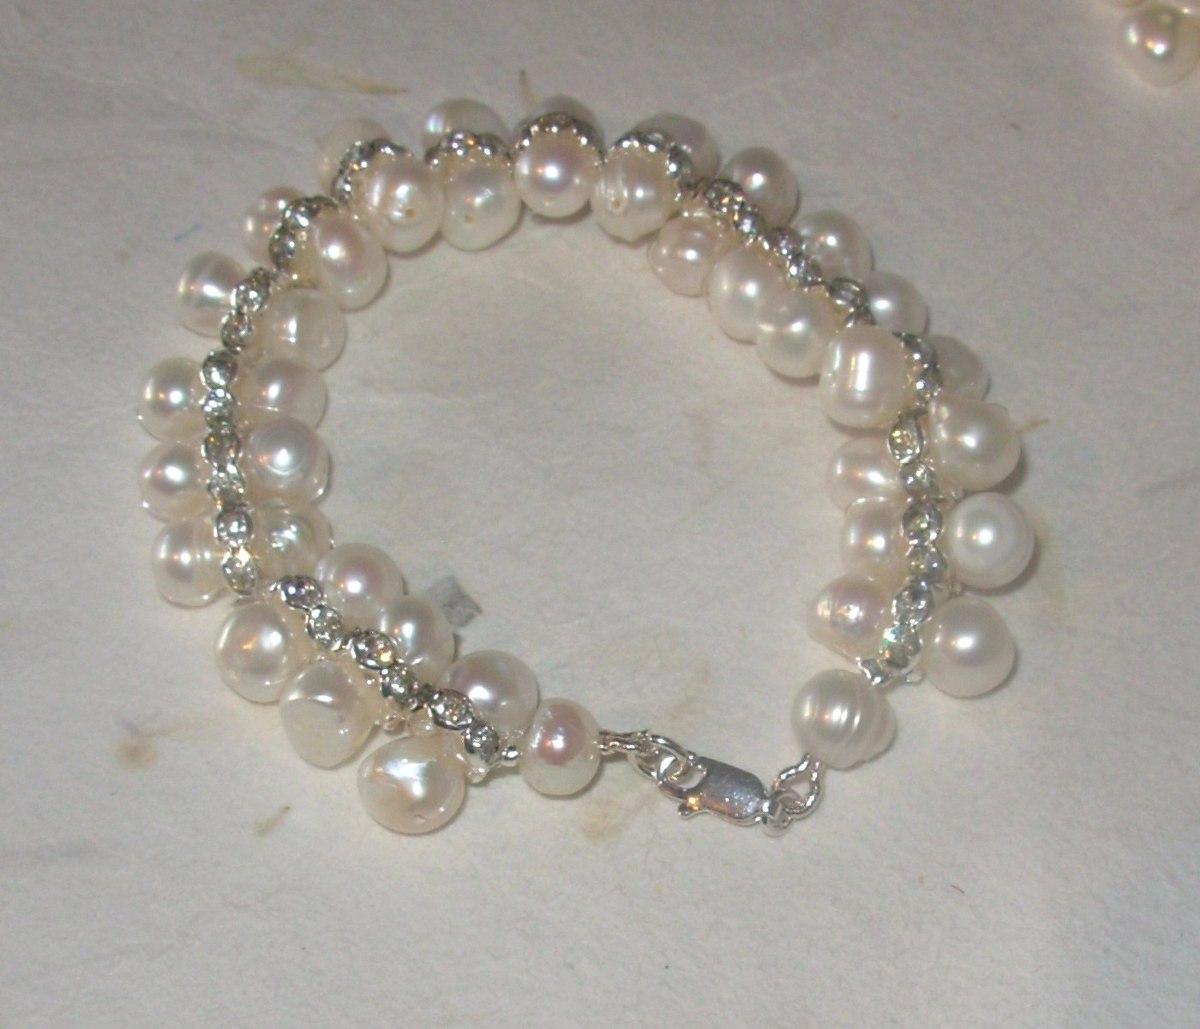 3d5cf6052b9a pulsera con perlas naturales cultivadas plata y acero. Cargando zoom.